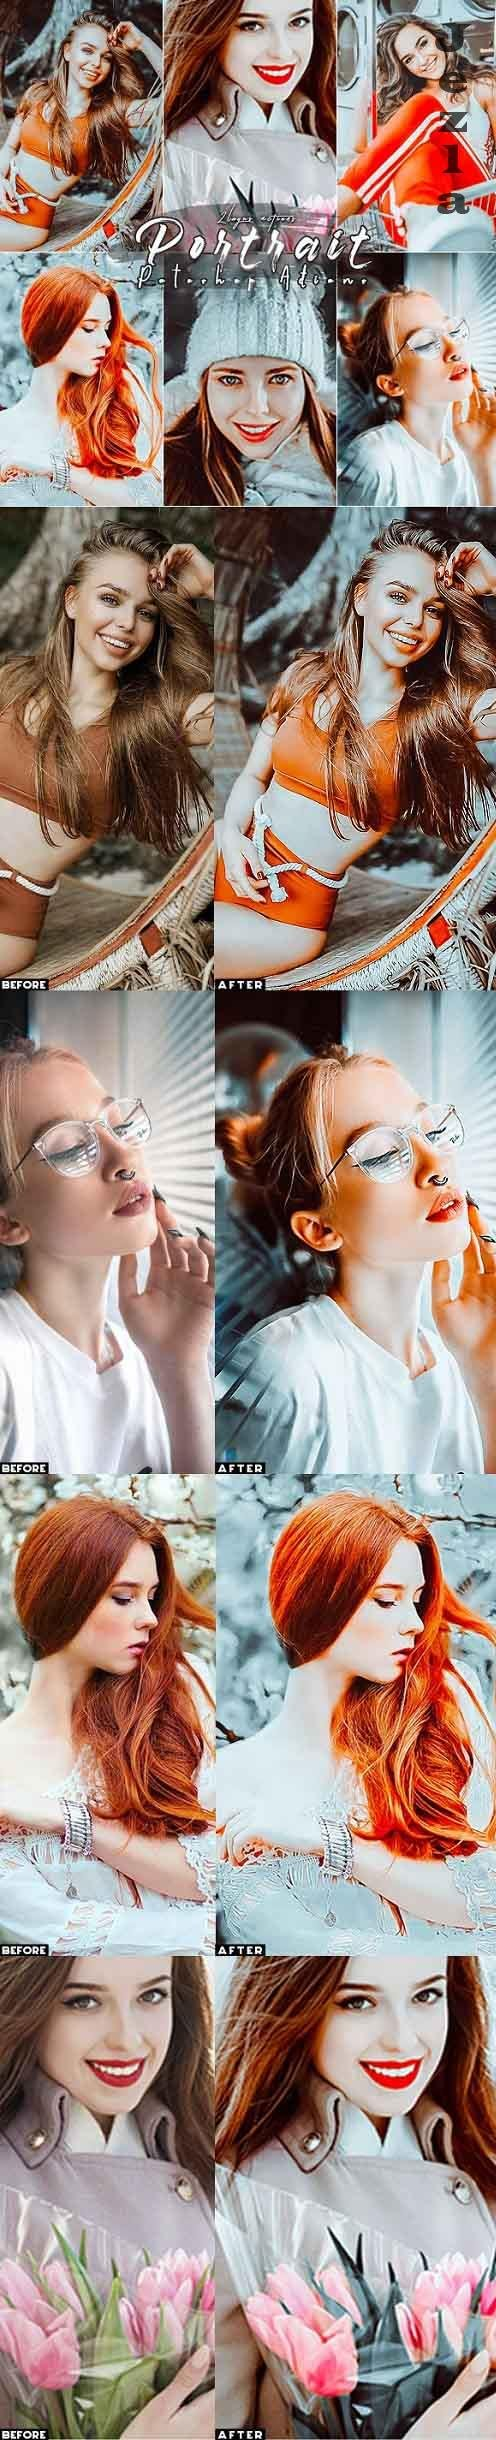 Master Portrait Photoshop Actions - 29916092